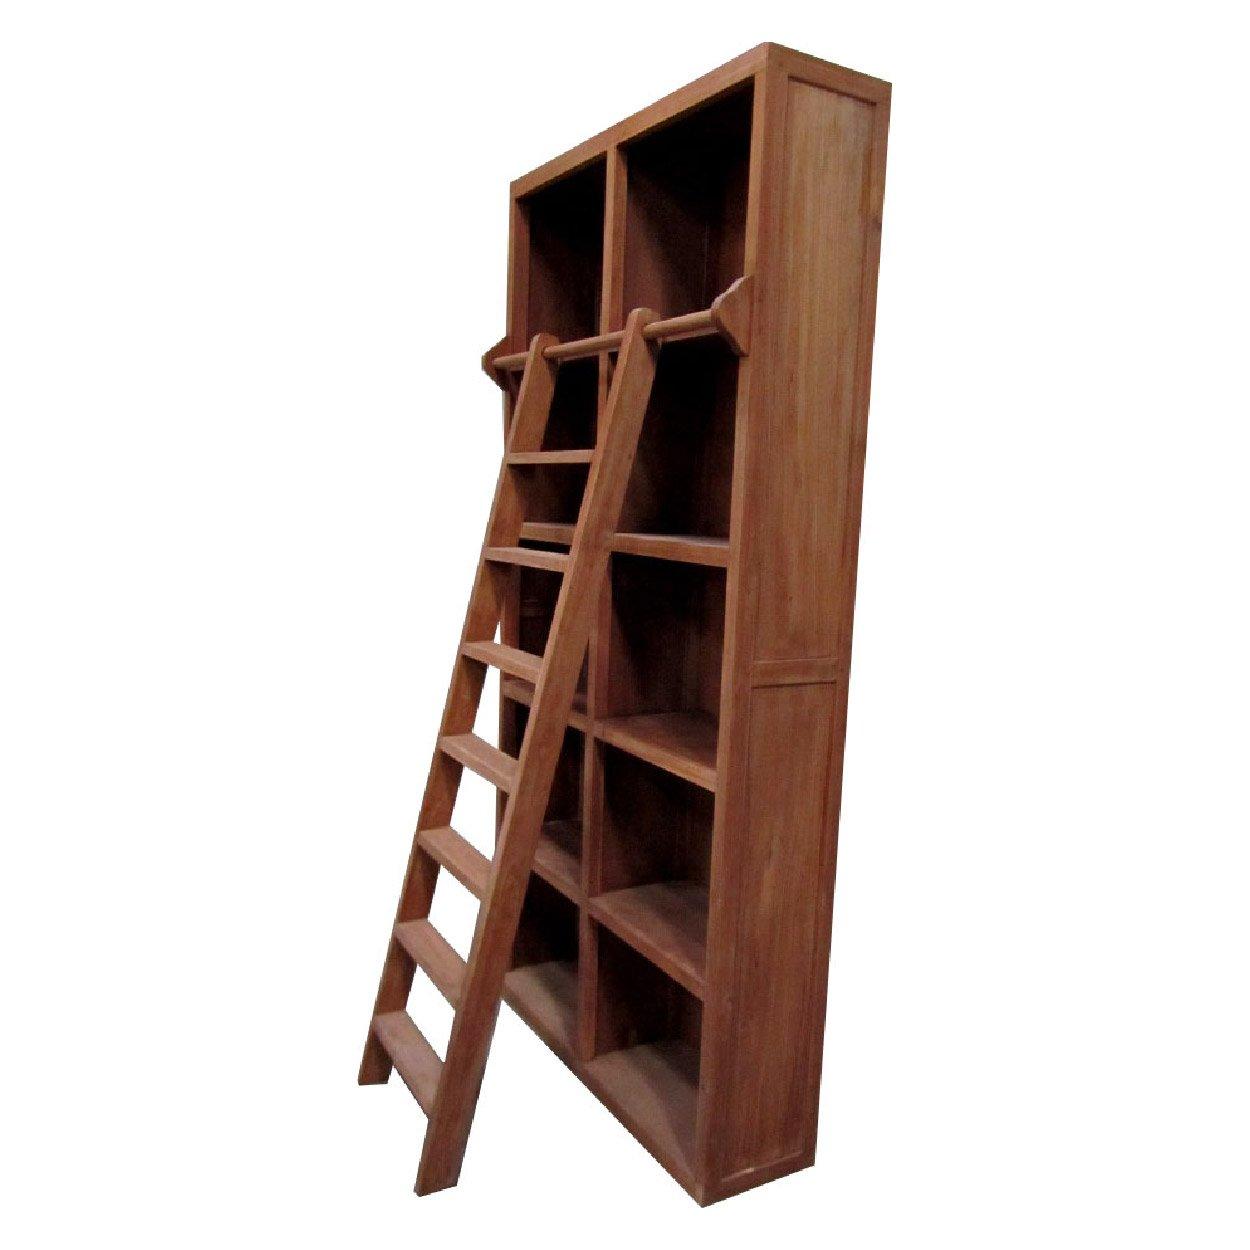 Hedendaags Boekenkast bibliotheekkast 'Wassenaar' 122 cm - OLMEGA Rotterdam DW-93